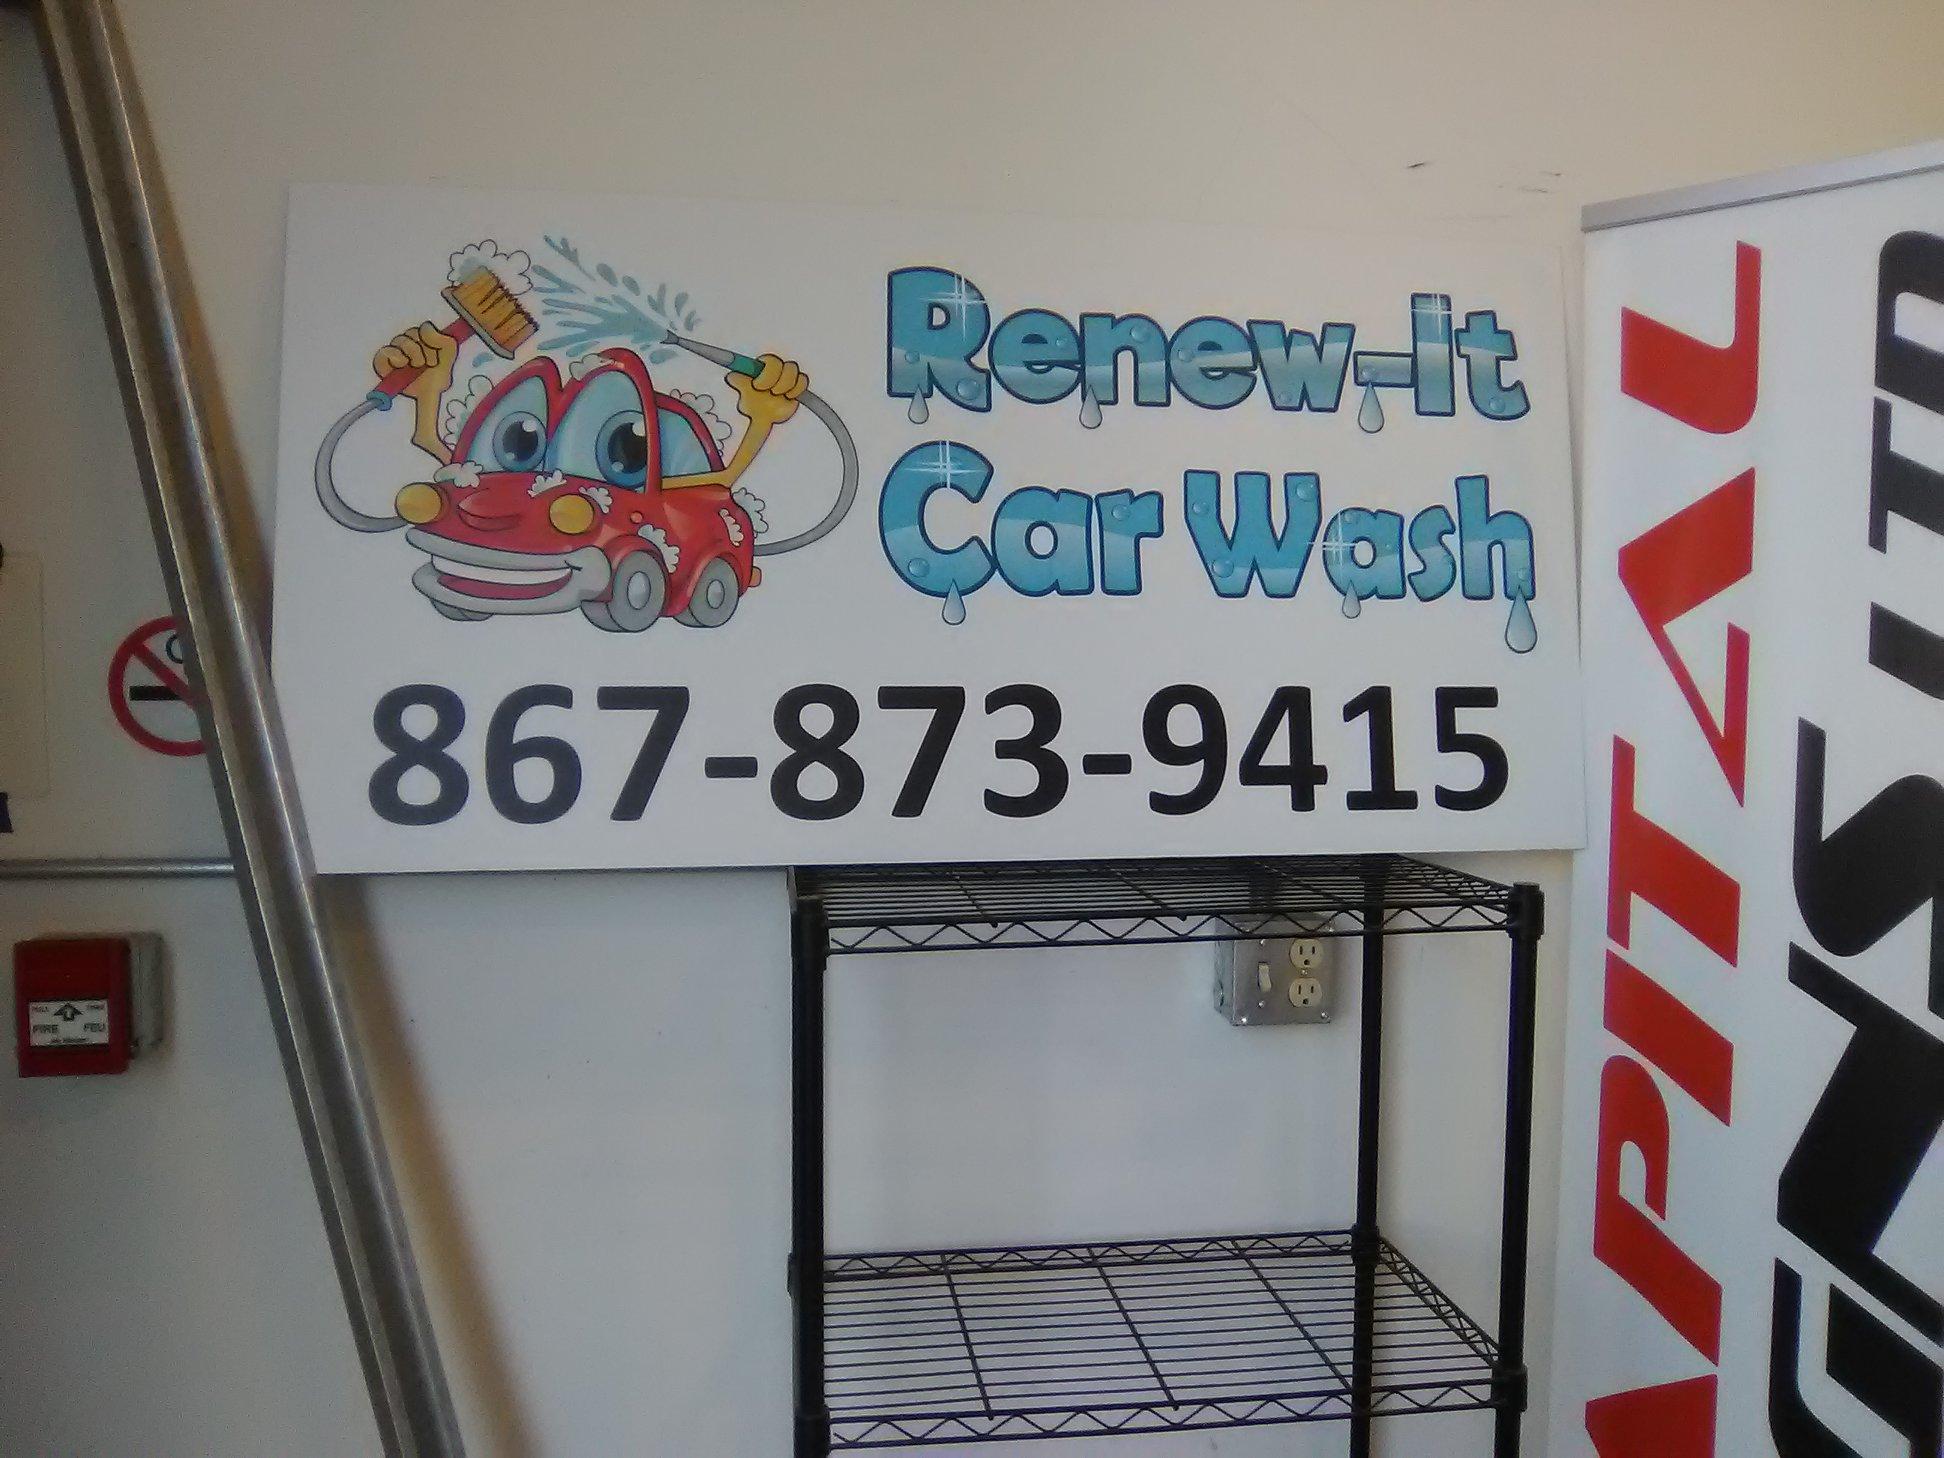 Renew-It Car Wash Exterior Car Wash